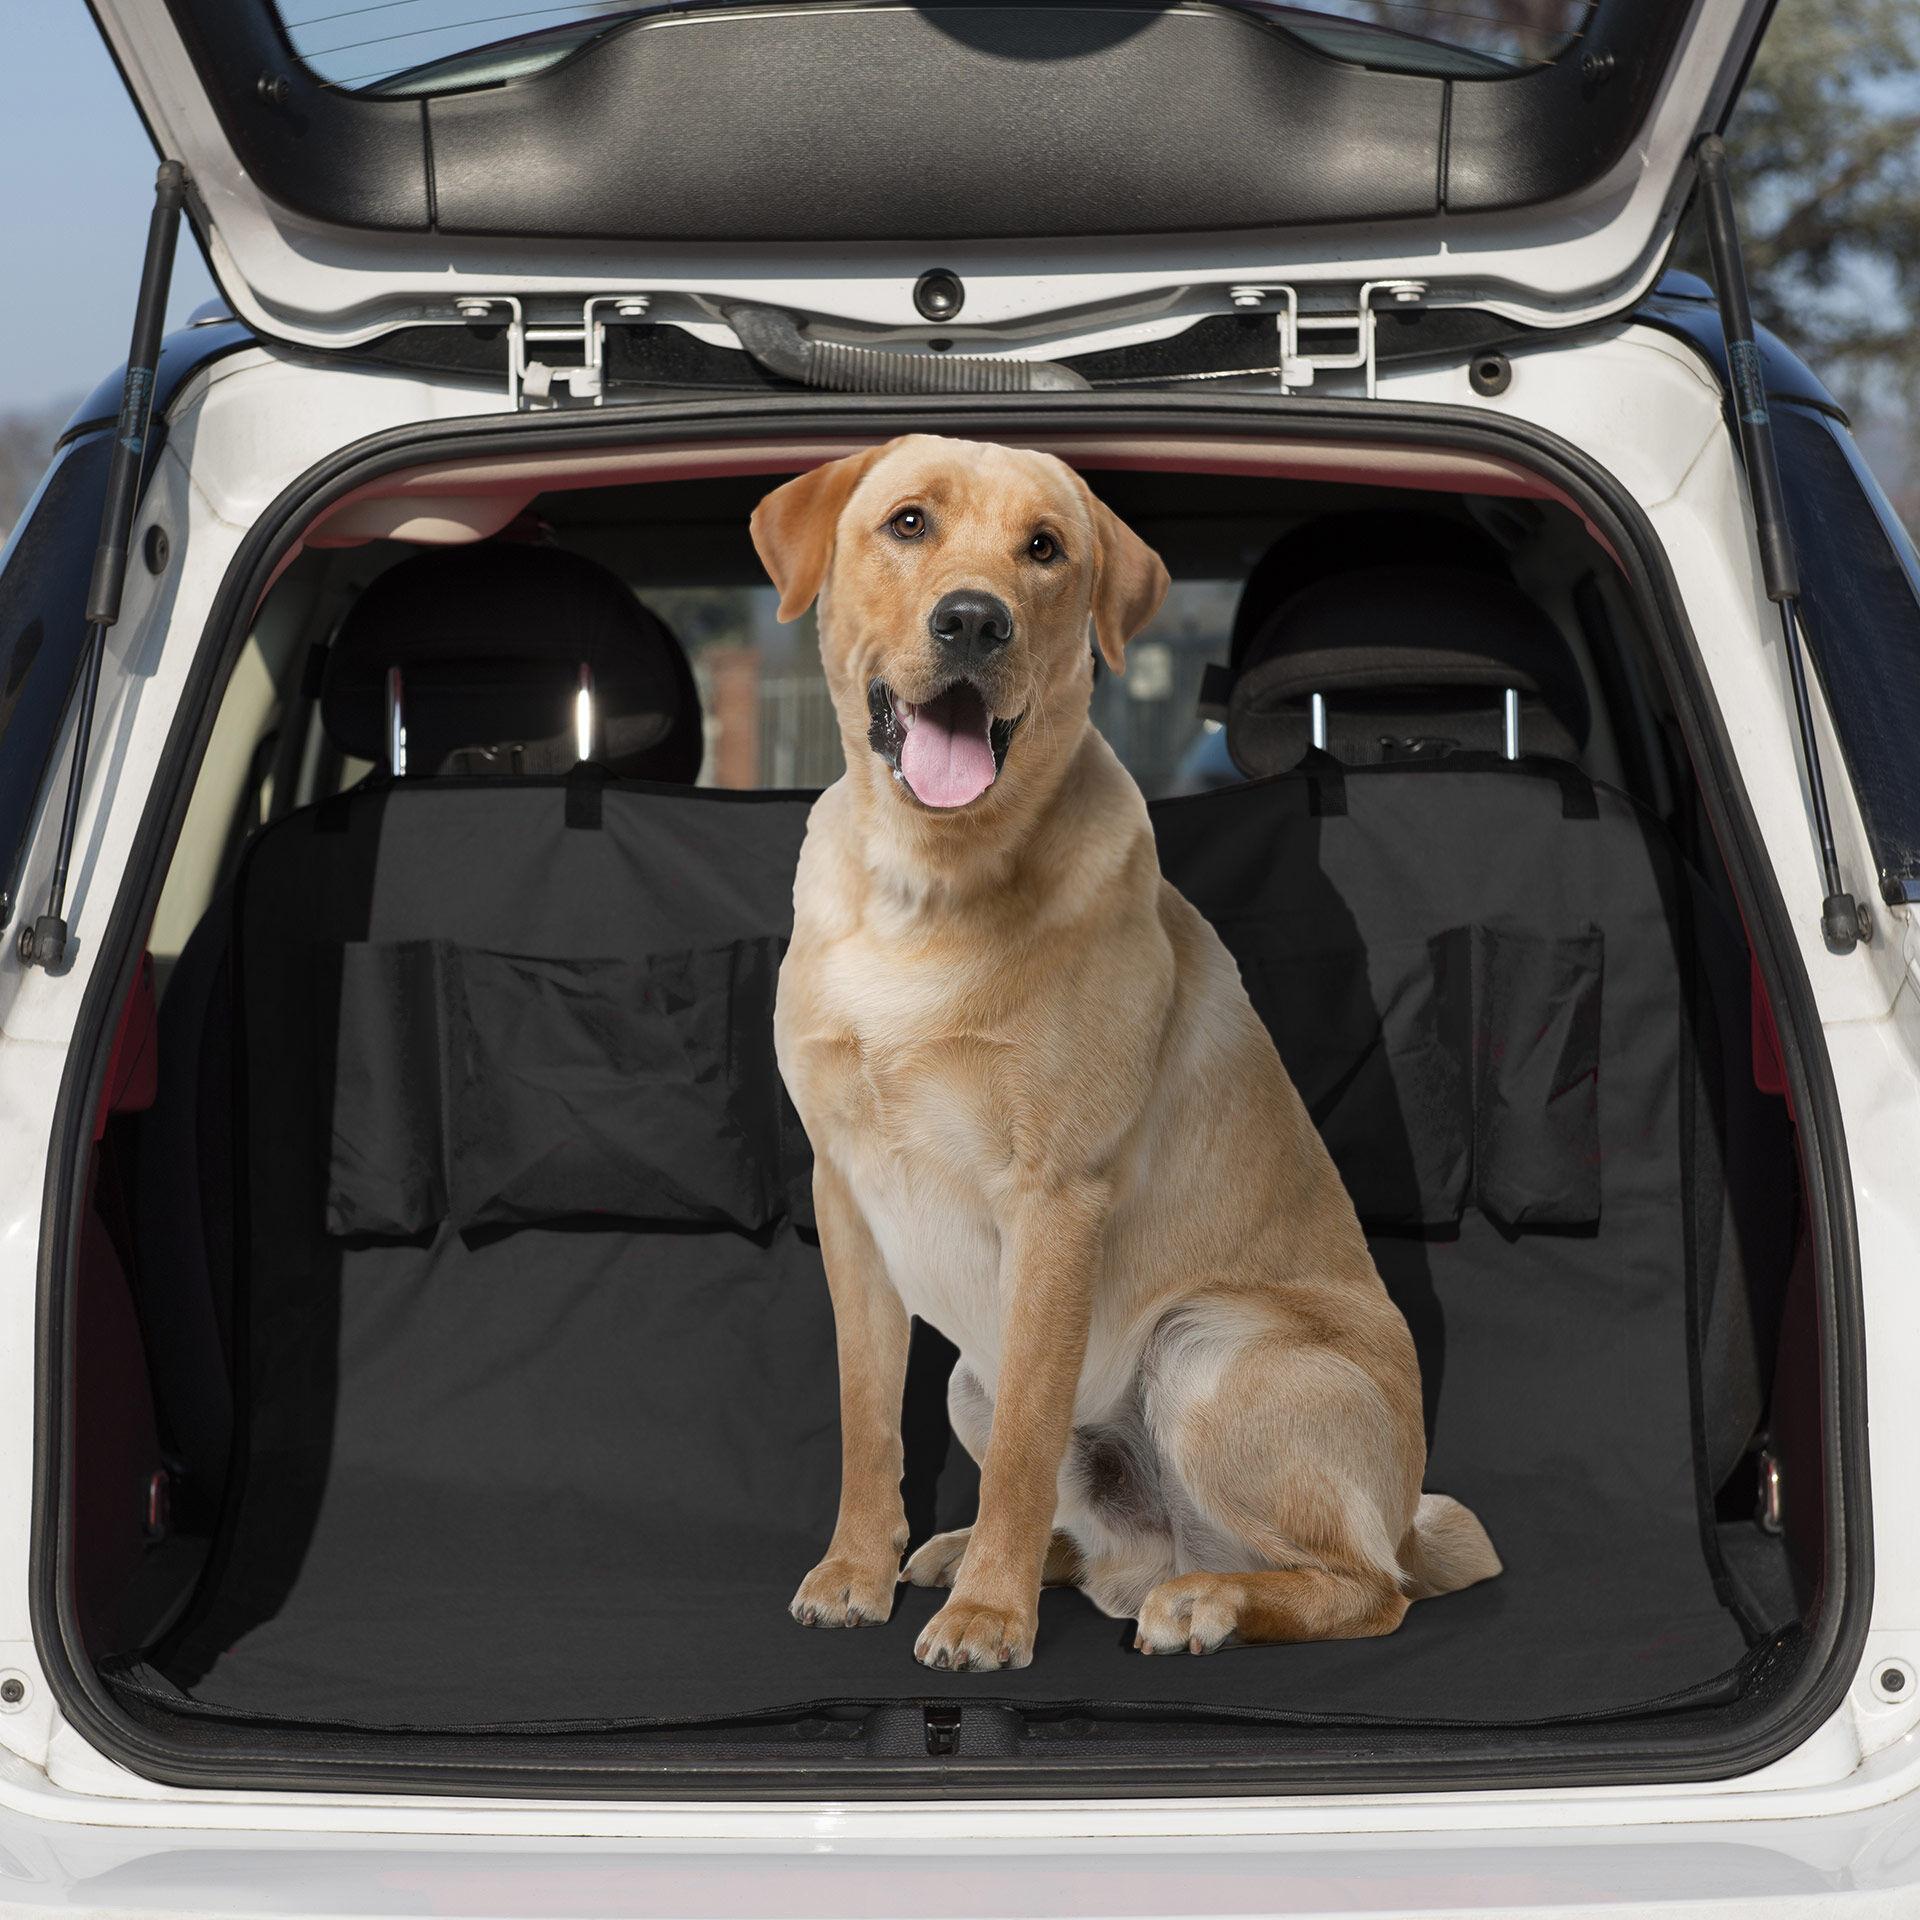 Maxi housse de protection pour chiens, , large